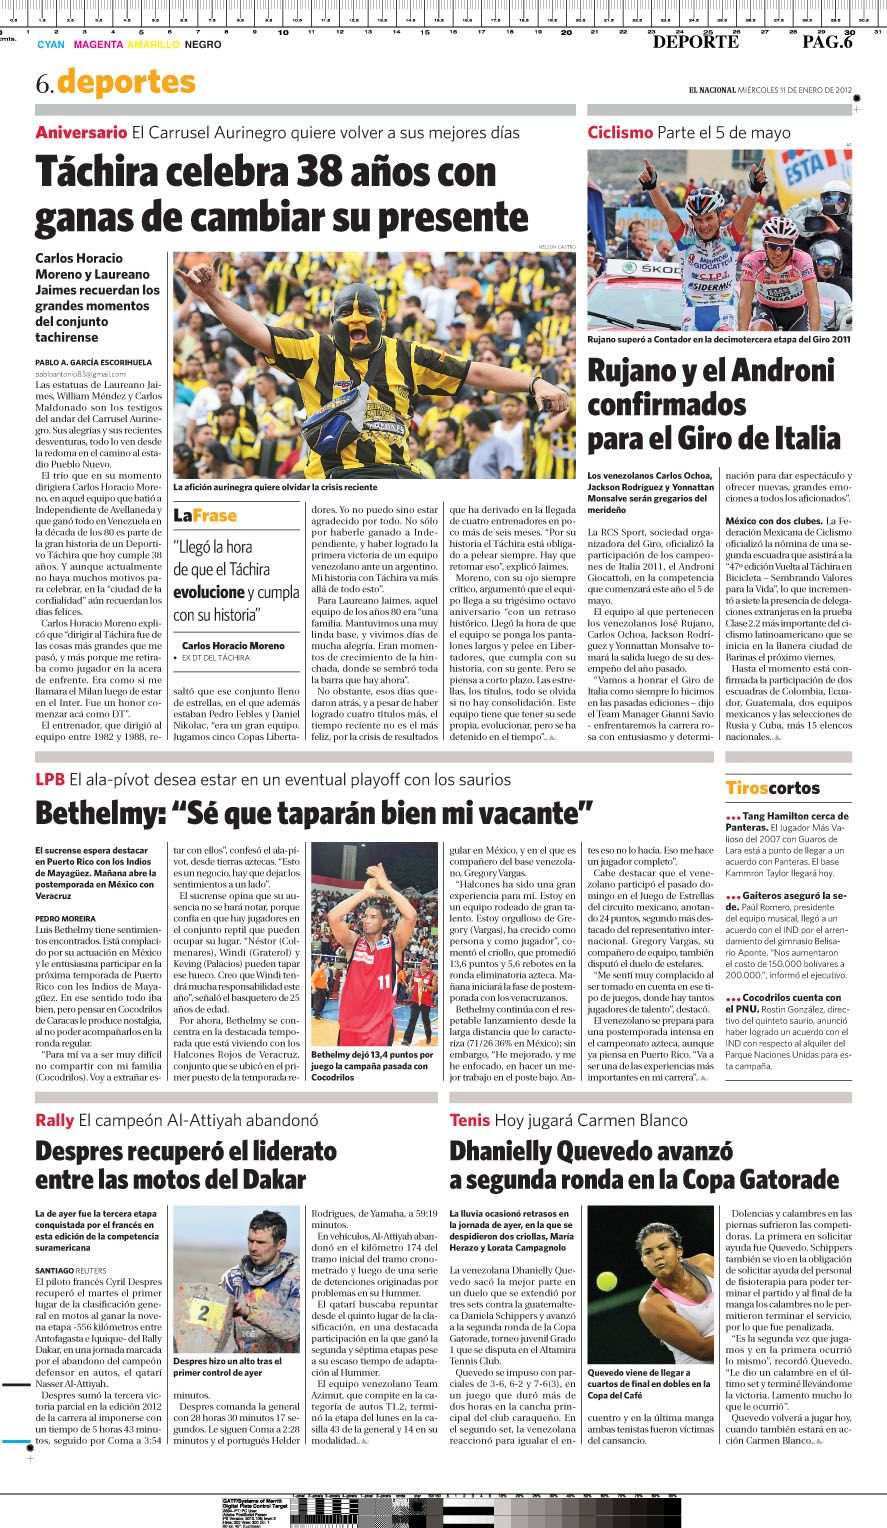 Hoy se cumplen 40 años de la fundación del equipo Deportivo Tachira. Publicado el 11 de enero de 2011.